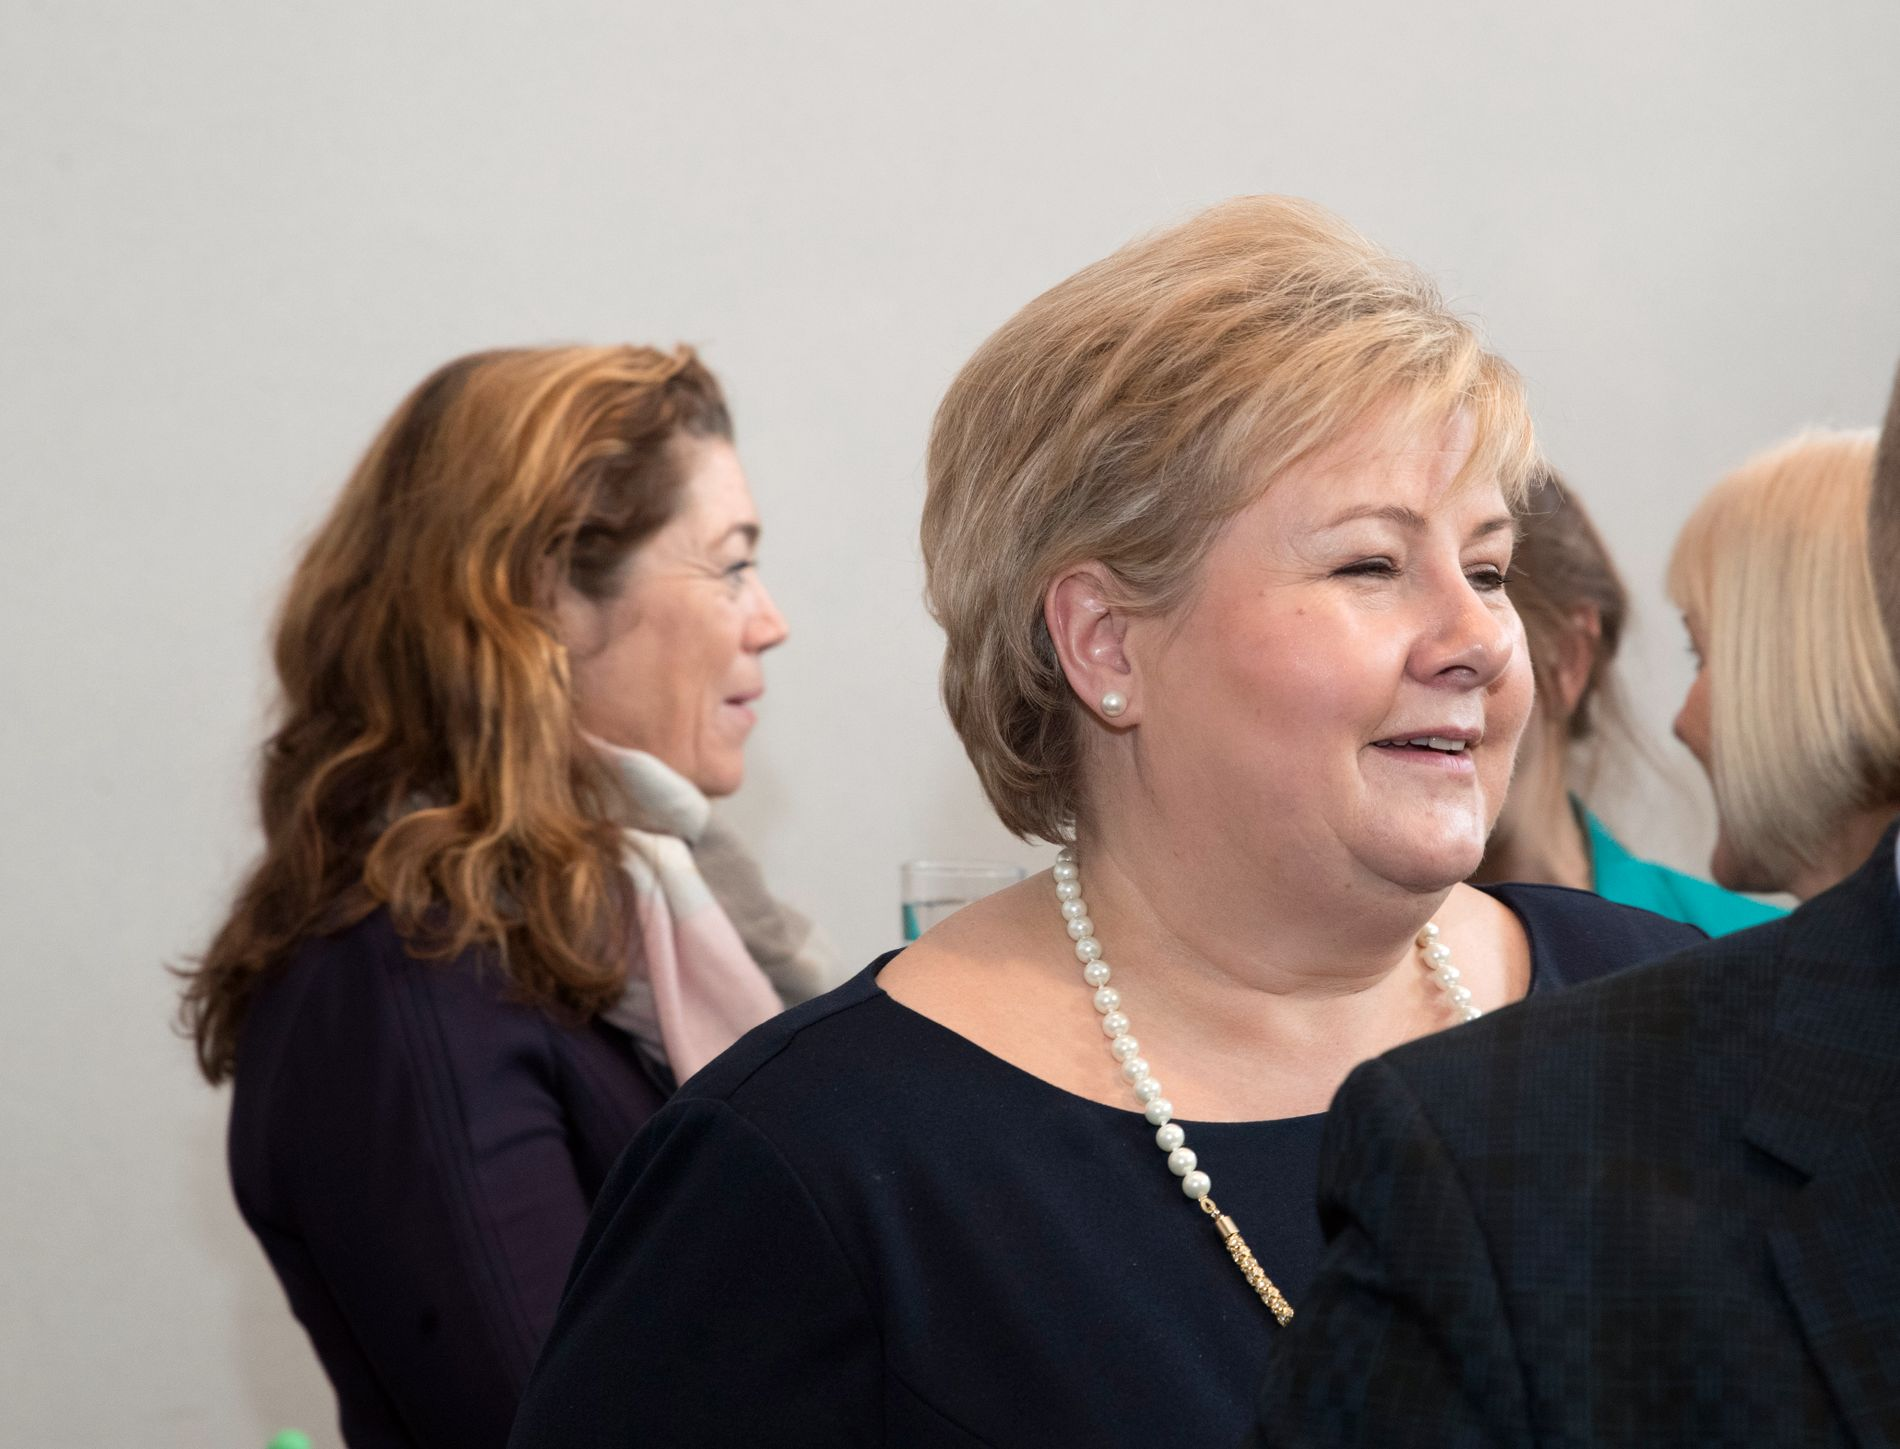 SNART LØNNSOPPGJØR: NHOs administrerende direktør Kristin Skogen Lund (til venstre) sier det igjen er rom for en liten reallønnsvekst i årets hovedoppgjør. Statsminister Erna Solberg (H) er spent på om det vil gå ut over konkurransekraften som har bedret seg de siste årene.